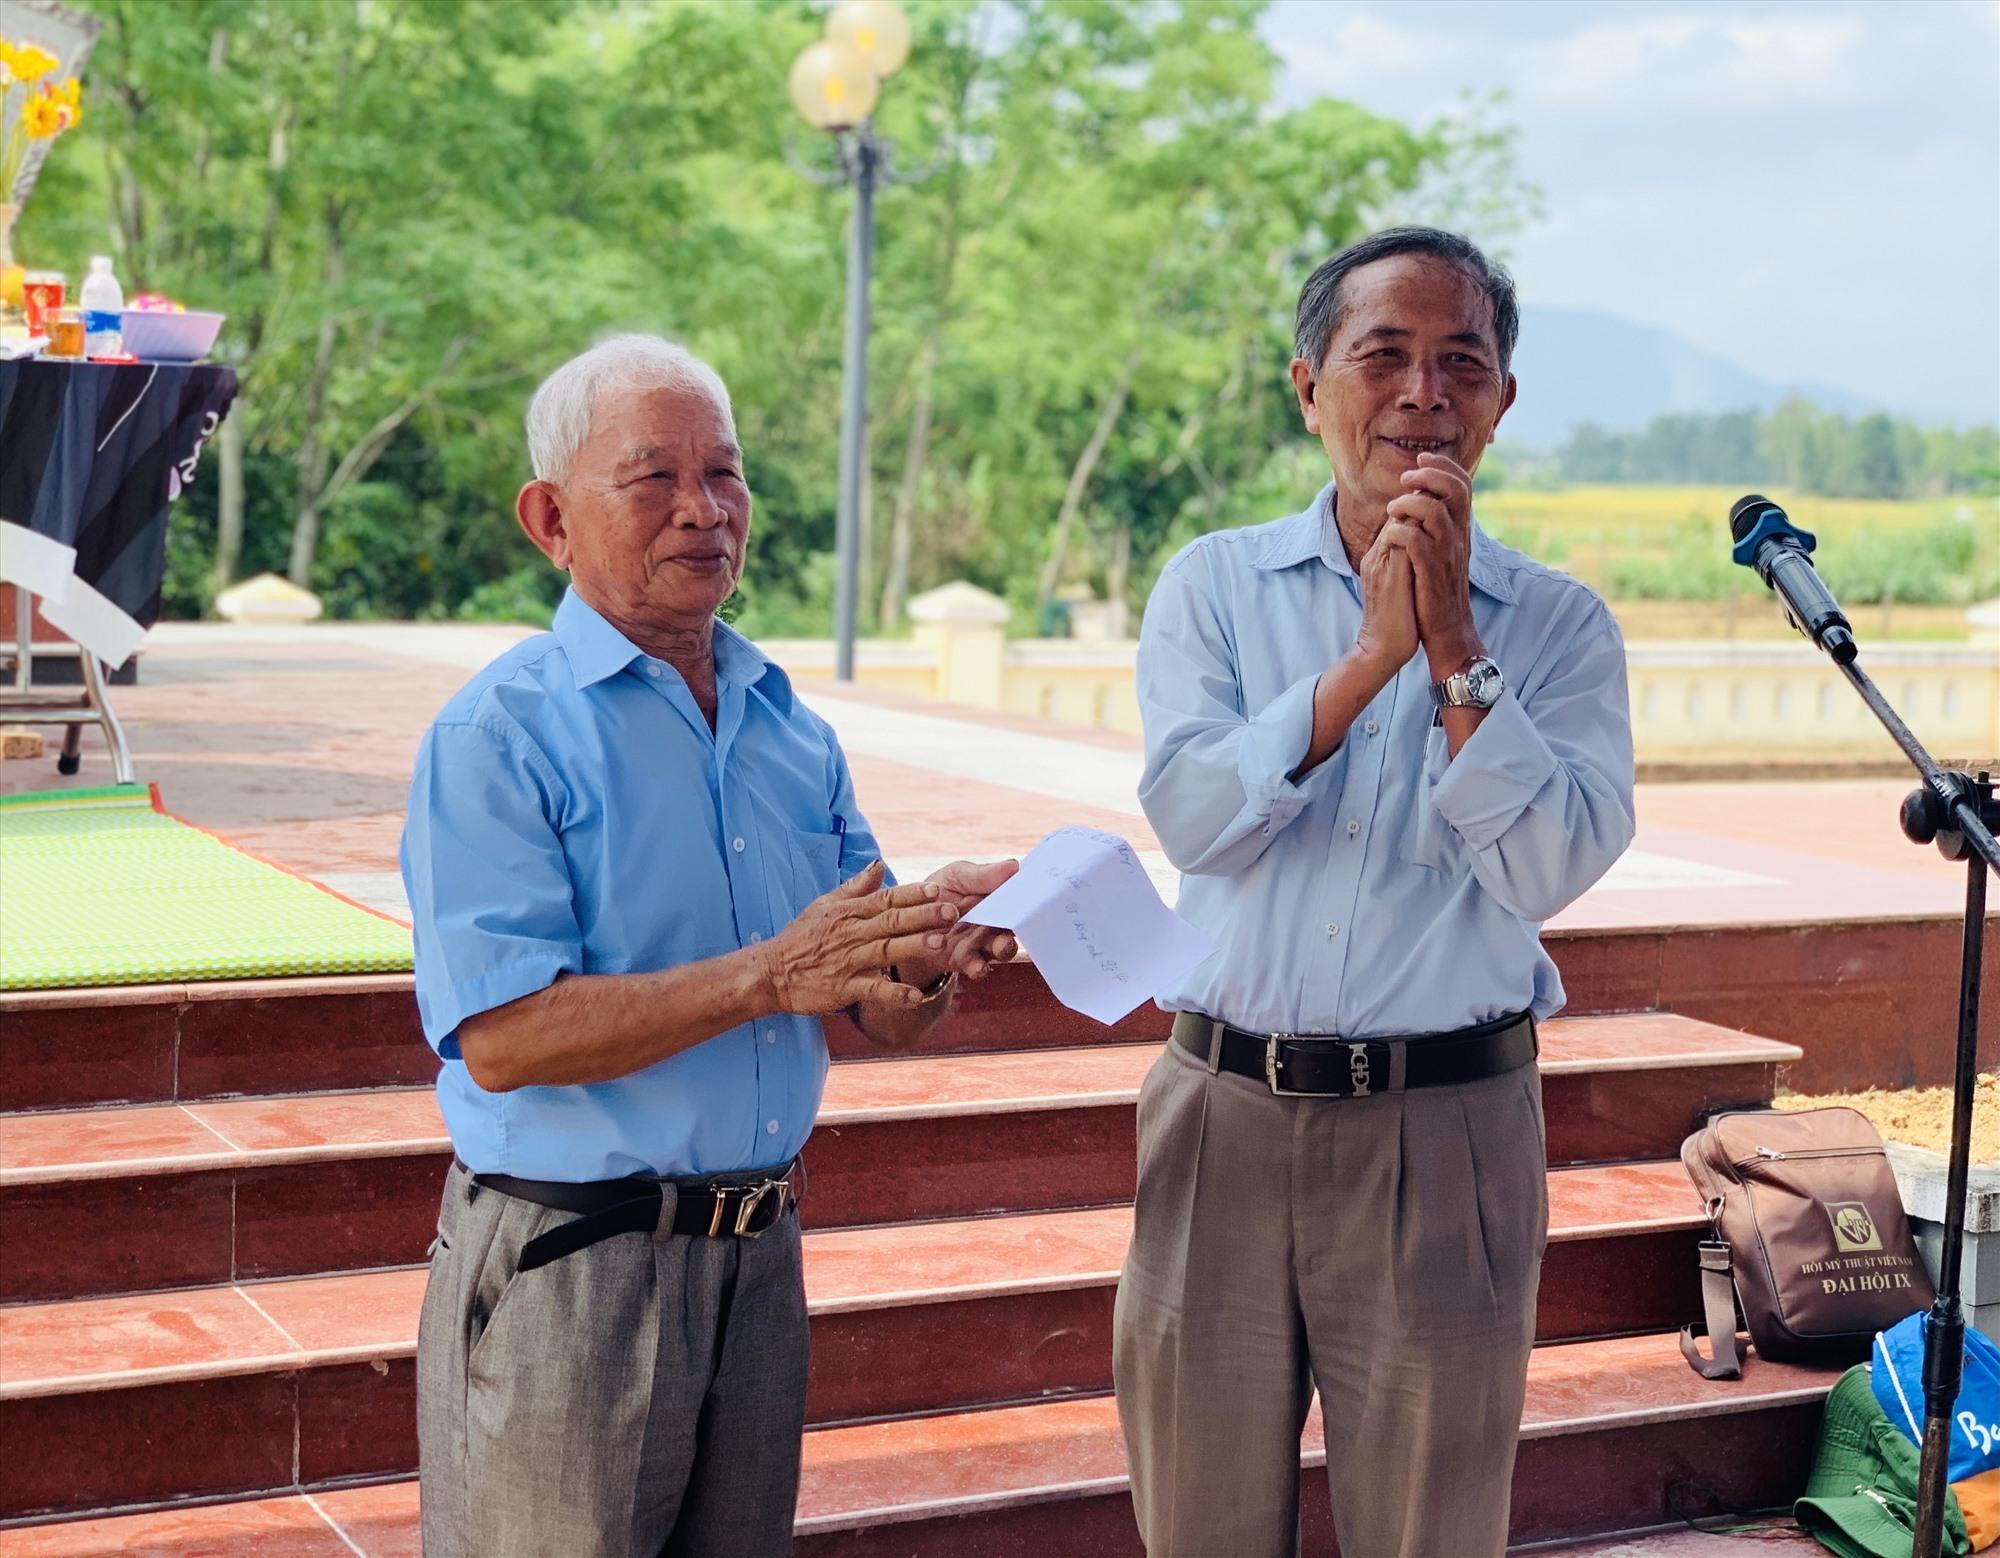 Ông Lê Yến (bên trái) - nhân chứng lịch sử trận đánh diễn ra tại xóm Vinh Cường cách đây tròn 50 năm. Ảnh: T.S